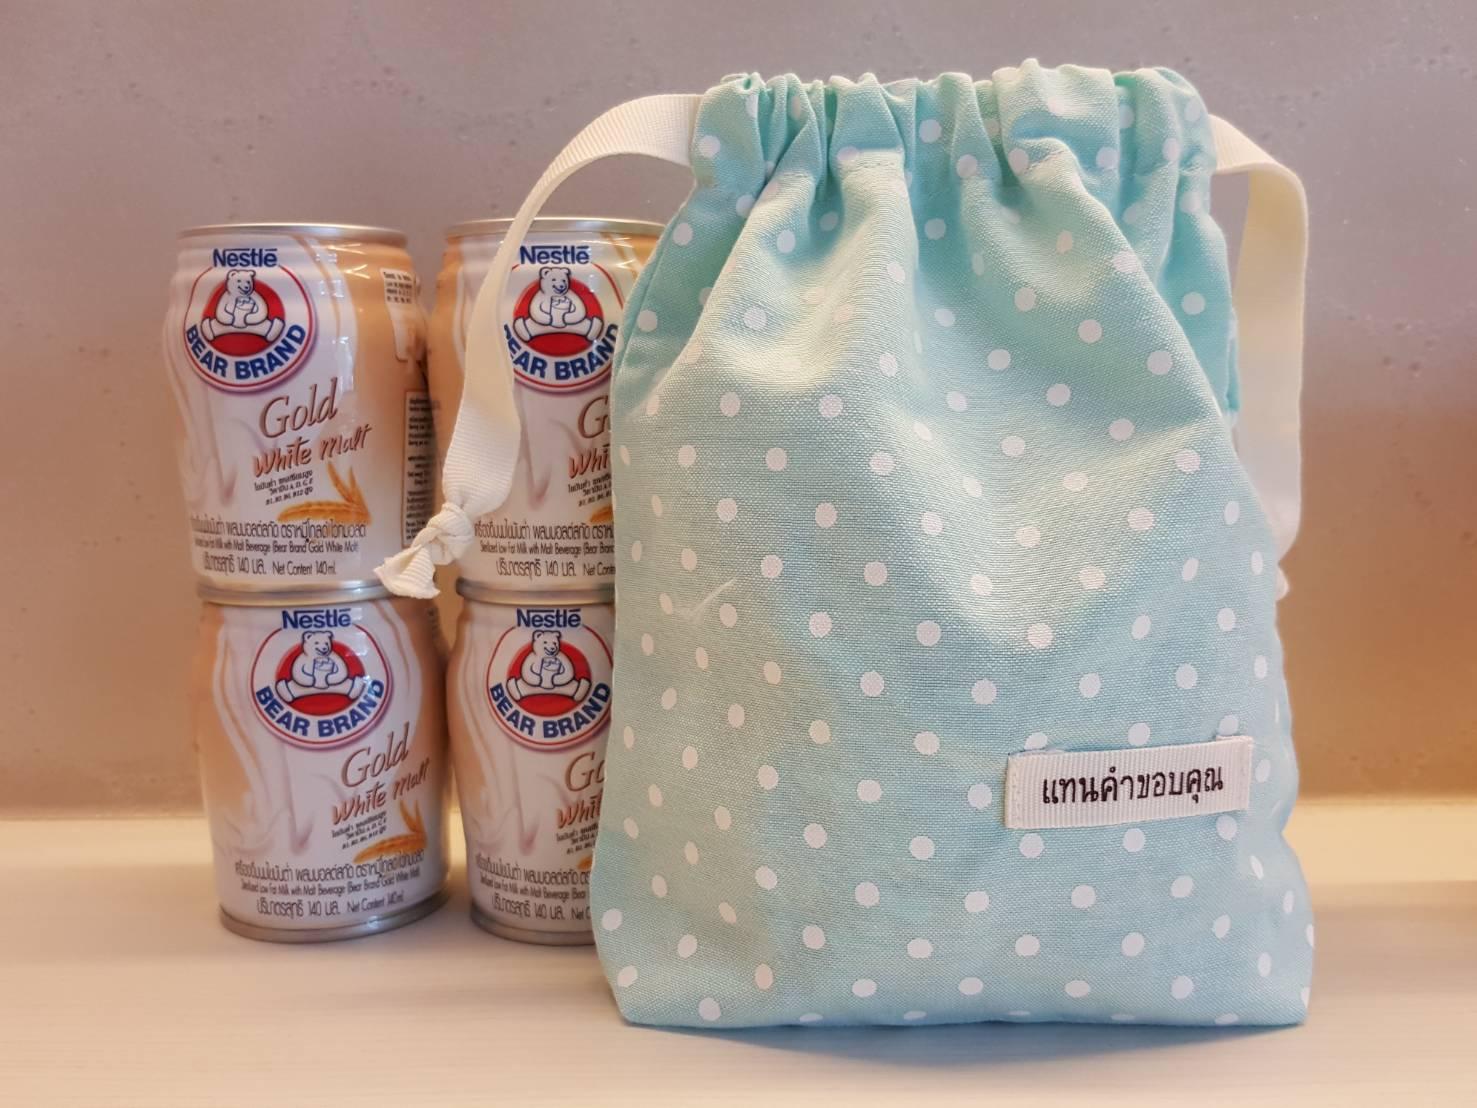 ถุงผ้าดิบ, กระเป๋าผ้าดิบ, ลดโลกร้อน, สกรีนลายสำเร็จรูป, ขายส่ง, พร้อมส่ง,ลายน่ารัก, ถุงหูรูด จาก baginlove.com,